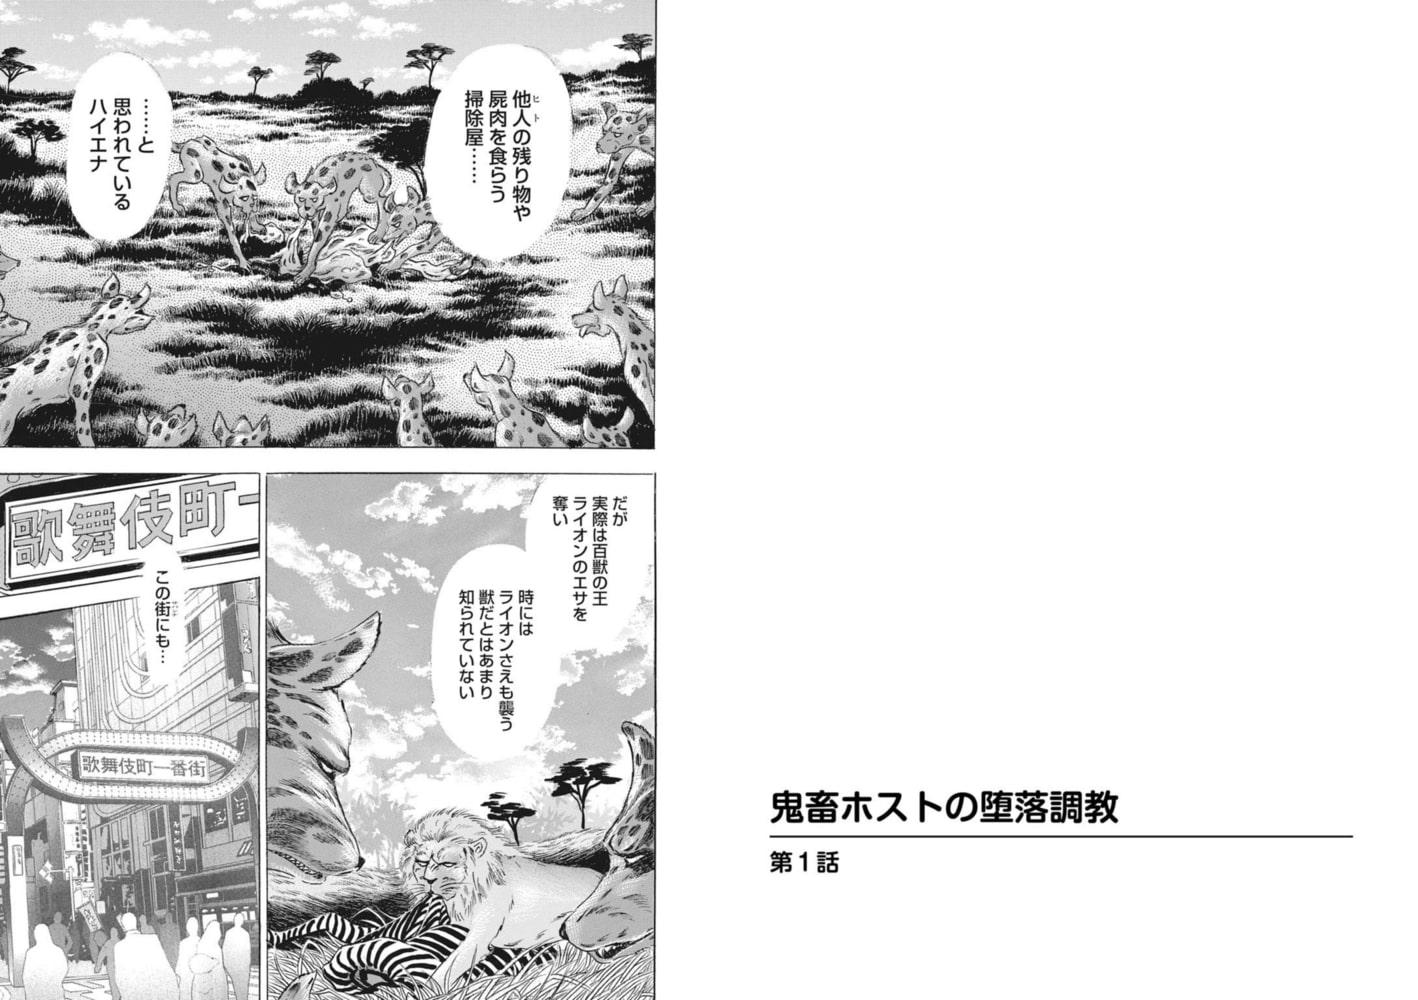 鬼畜ホストの堕落調教【豪華版】 1巻